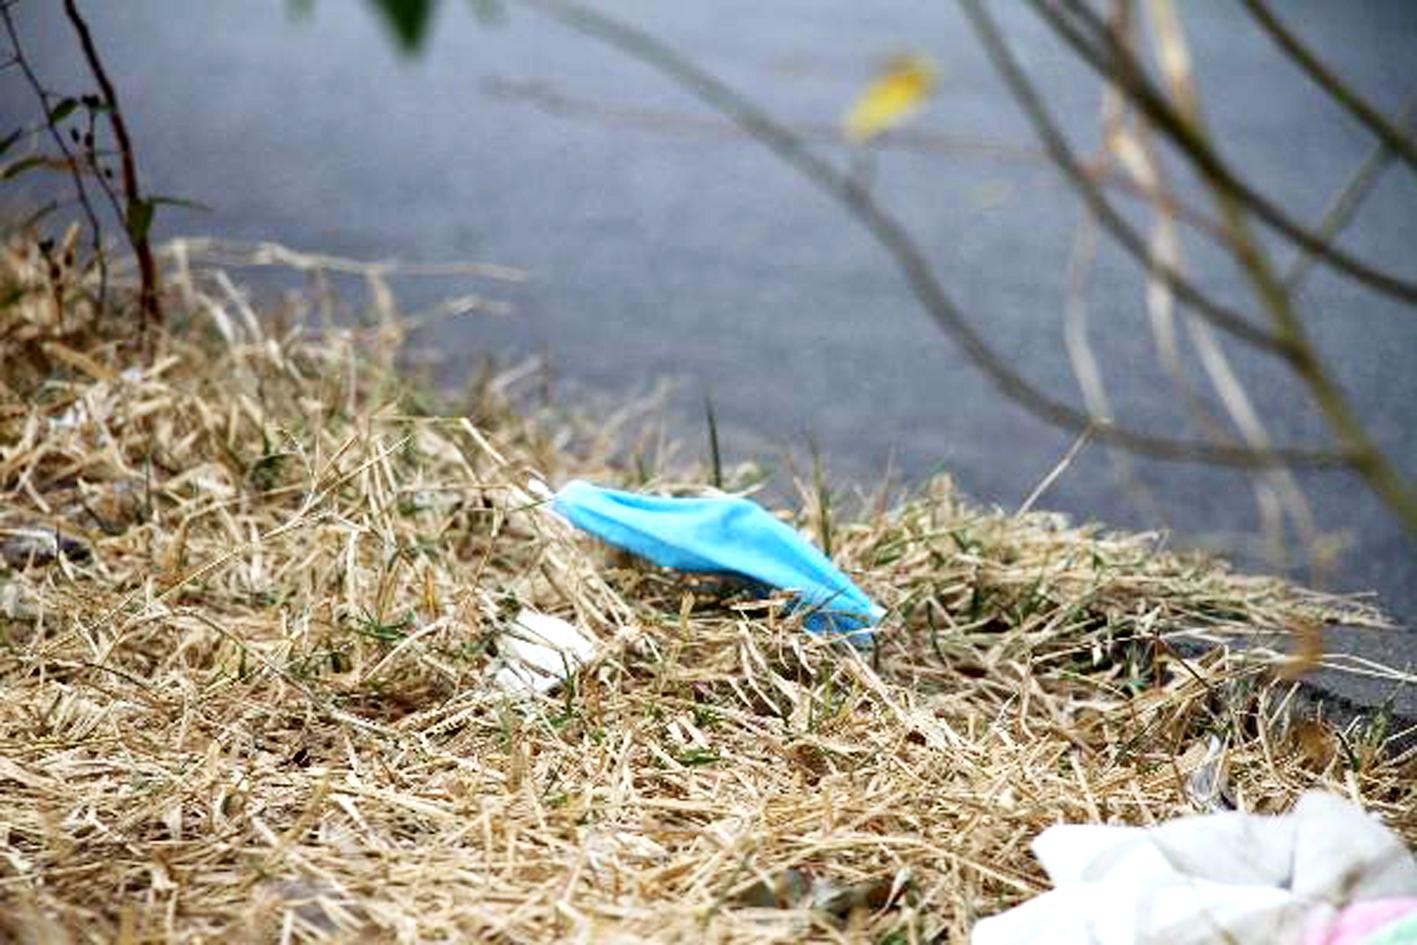 Khẩu trang y tế bị vứt bừa bãi rất có thể là nguồn lây lan dịch bệnh